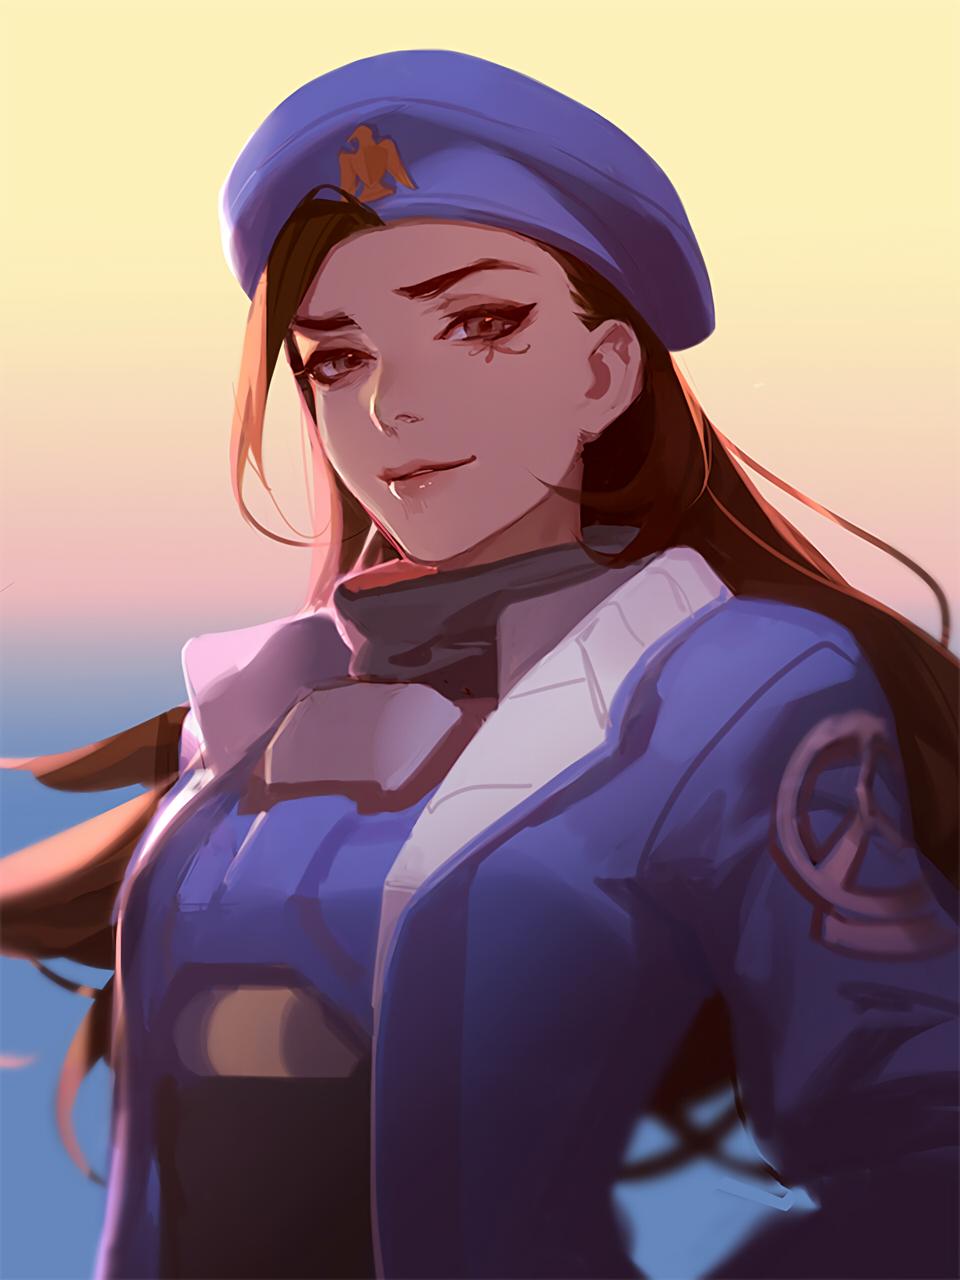 Ana Overwatch